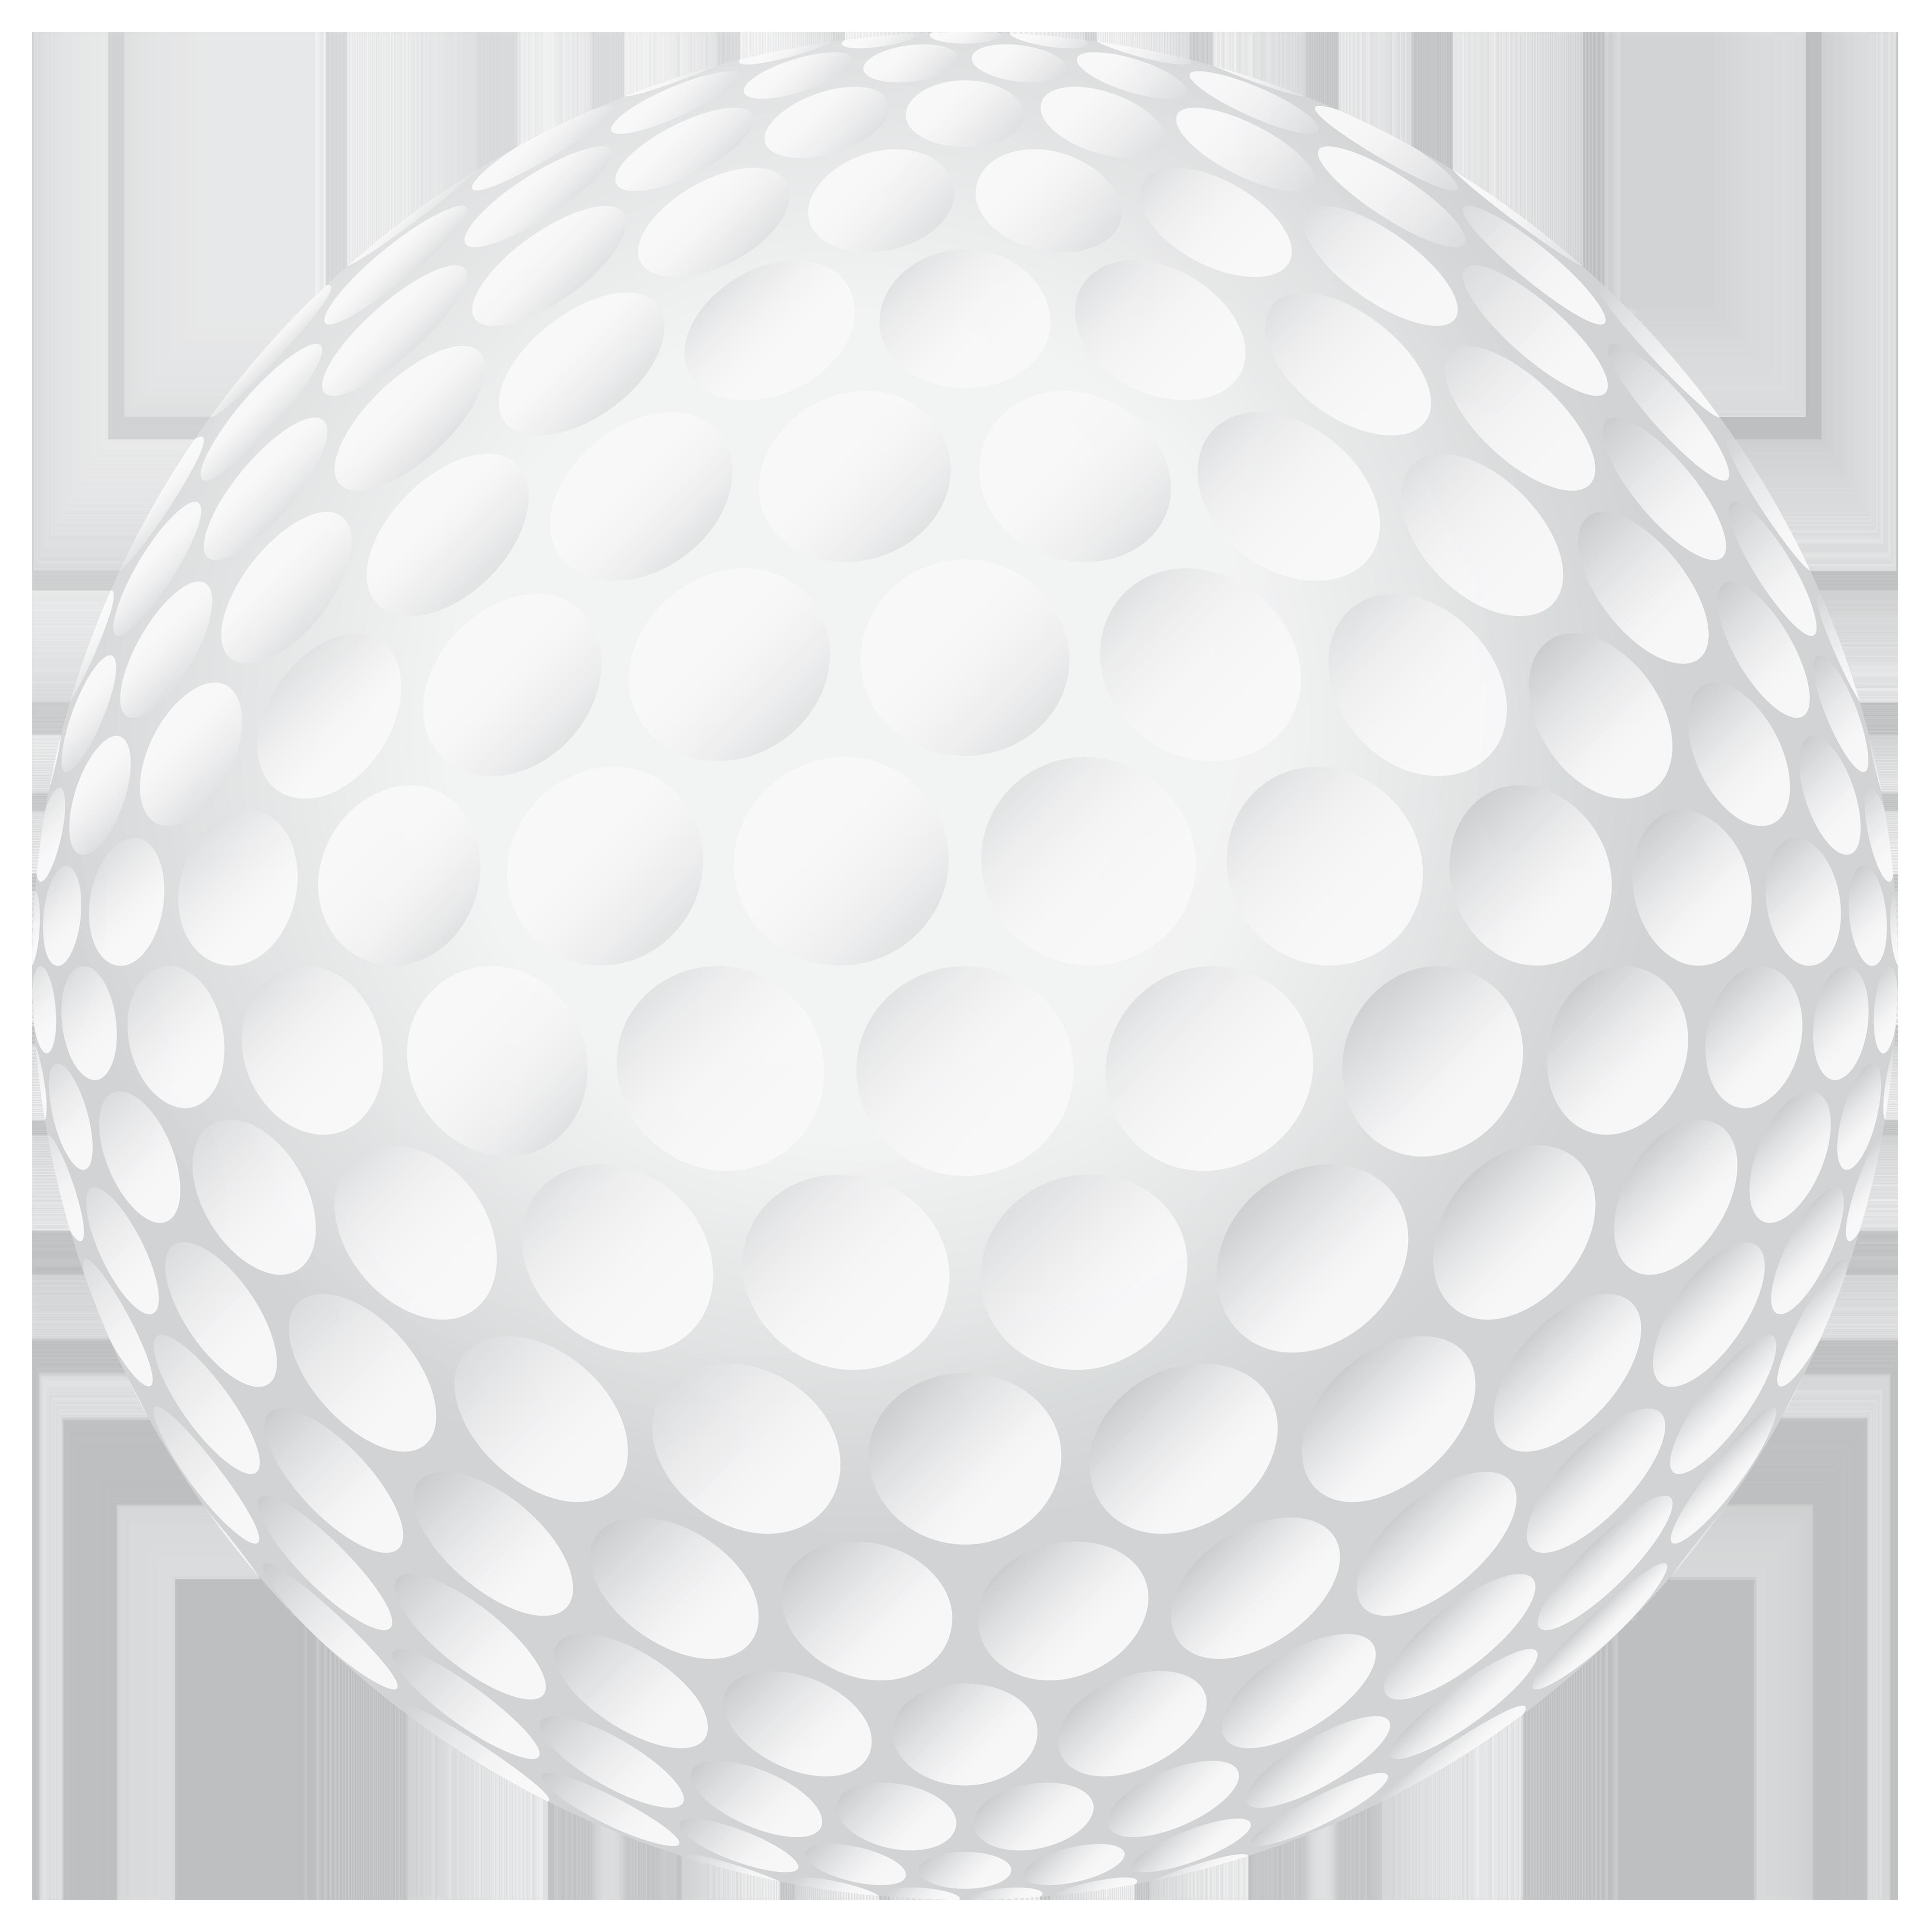 Golf ball free png. Golfing clipart summer